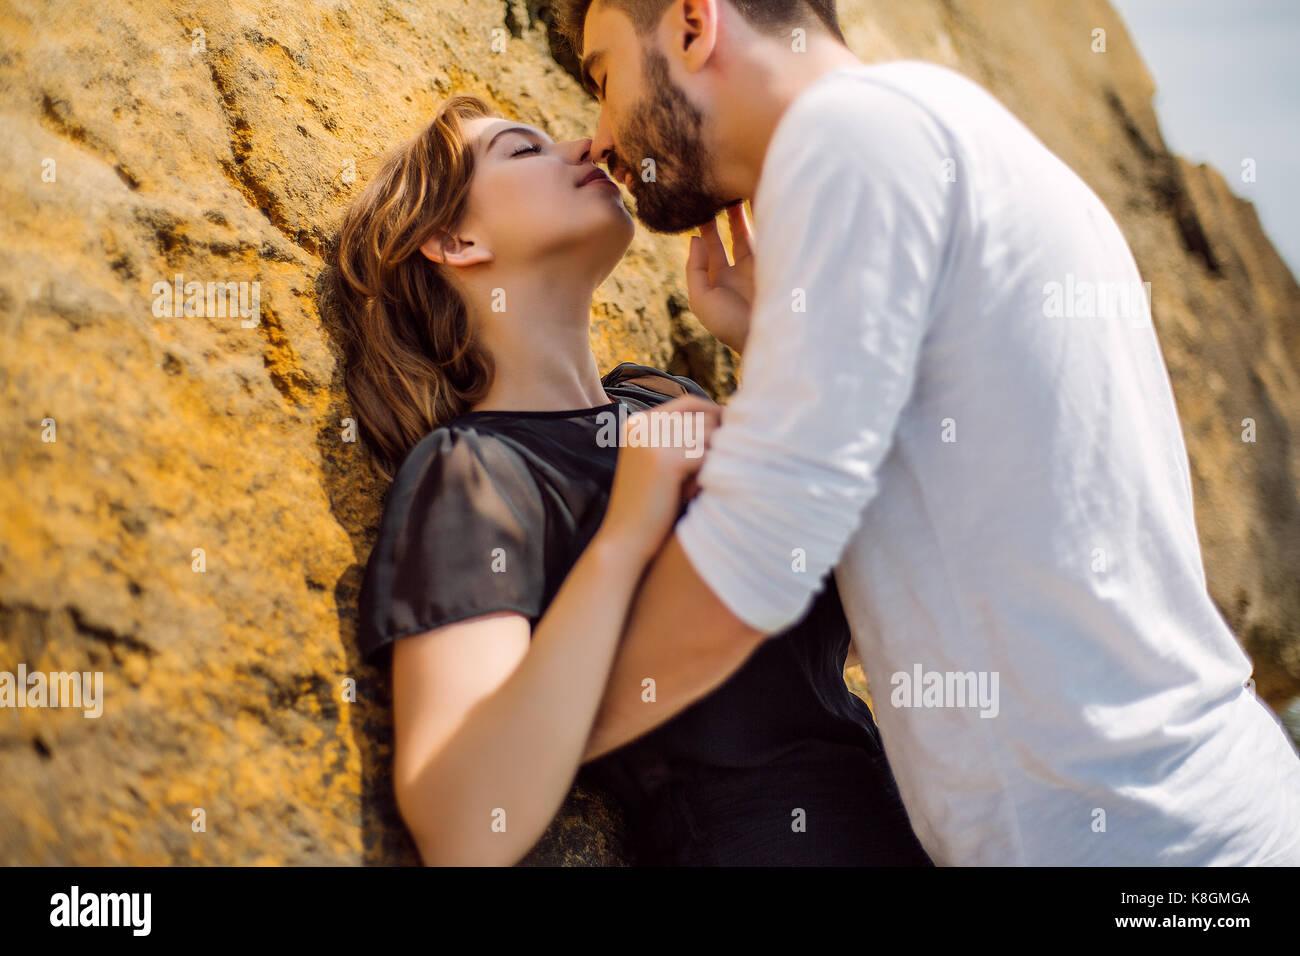 Paar küssen Auf rock Stockbild